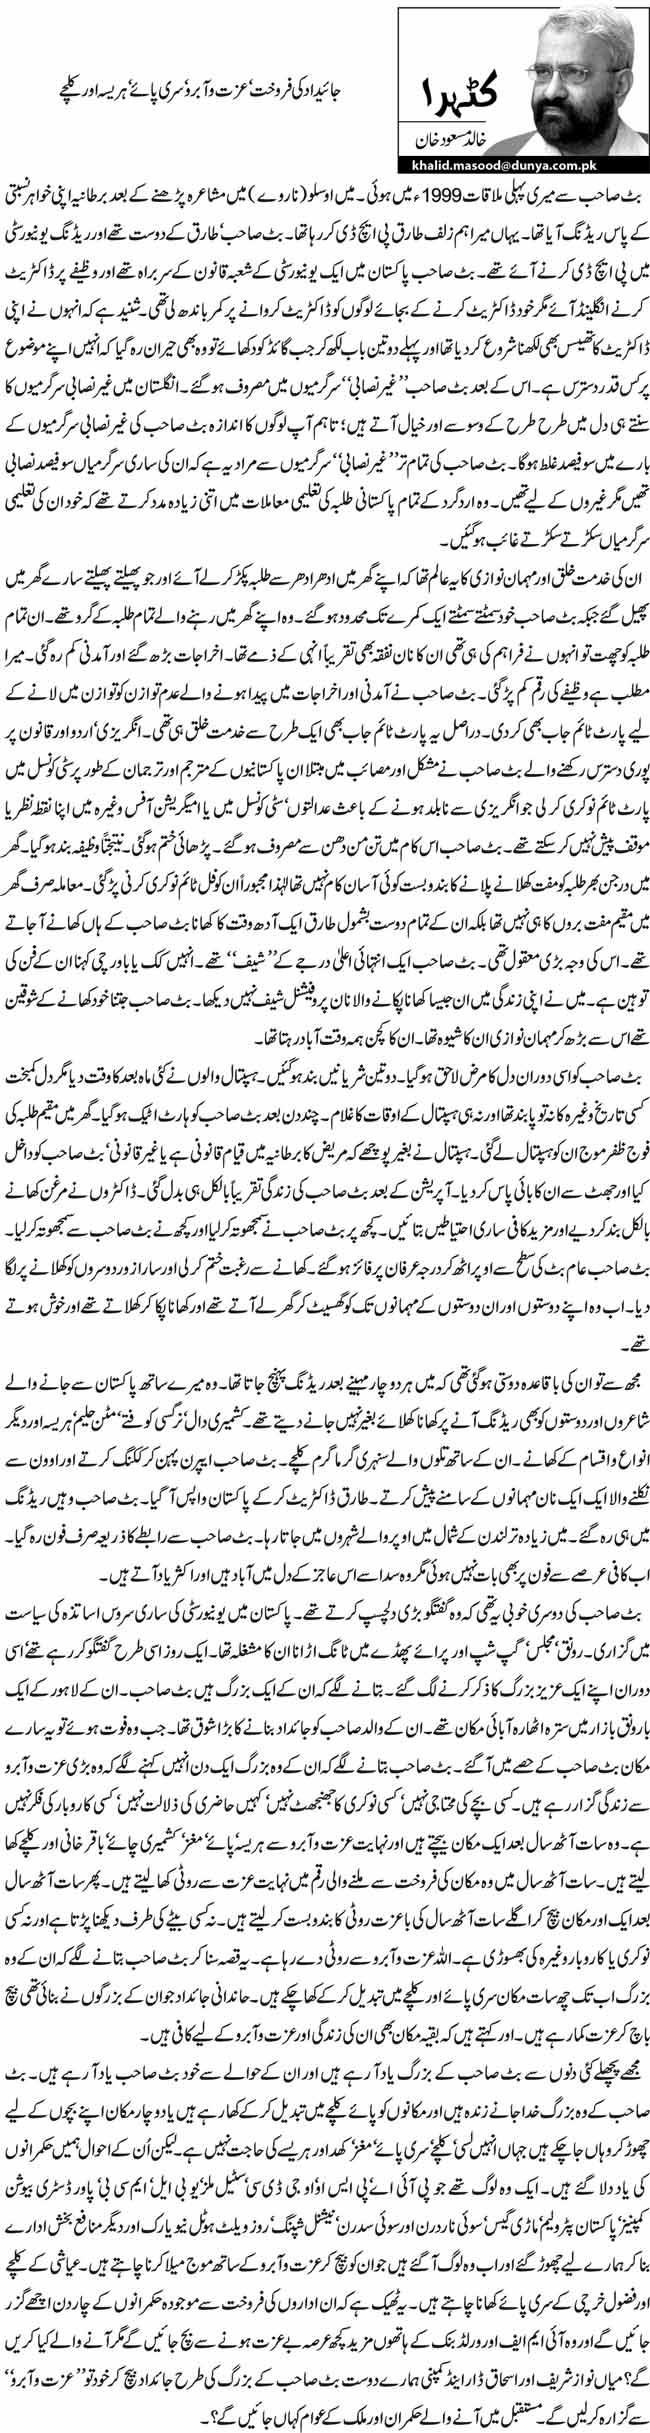 جائیداد کی فروخت'عزت و آبرو'سری پائے 'ہریسہ اور کلچے